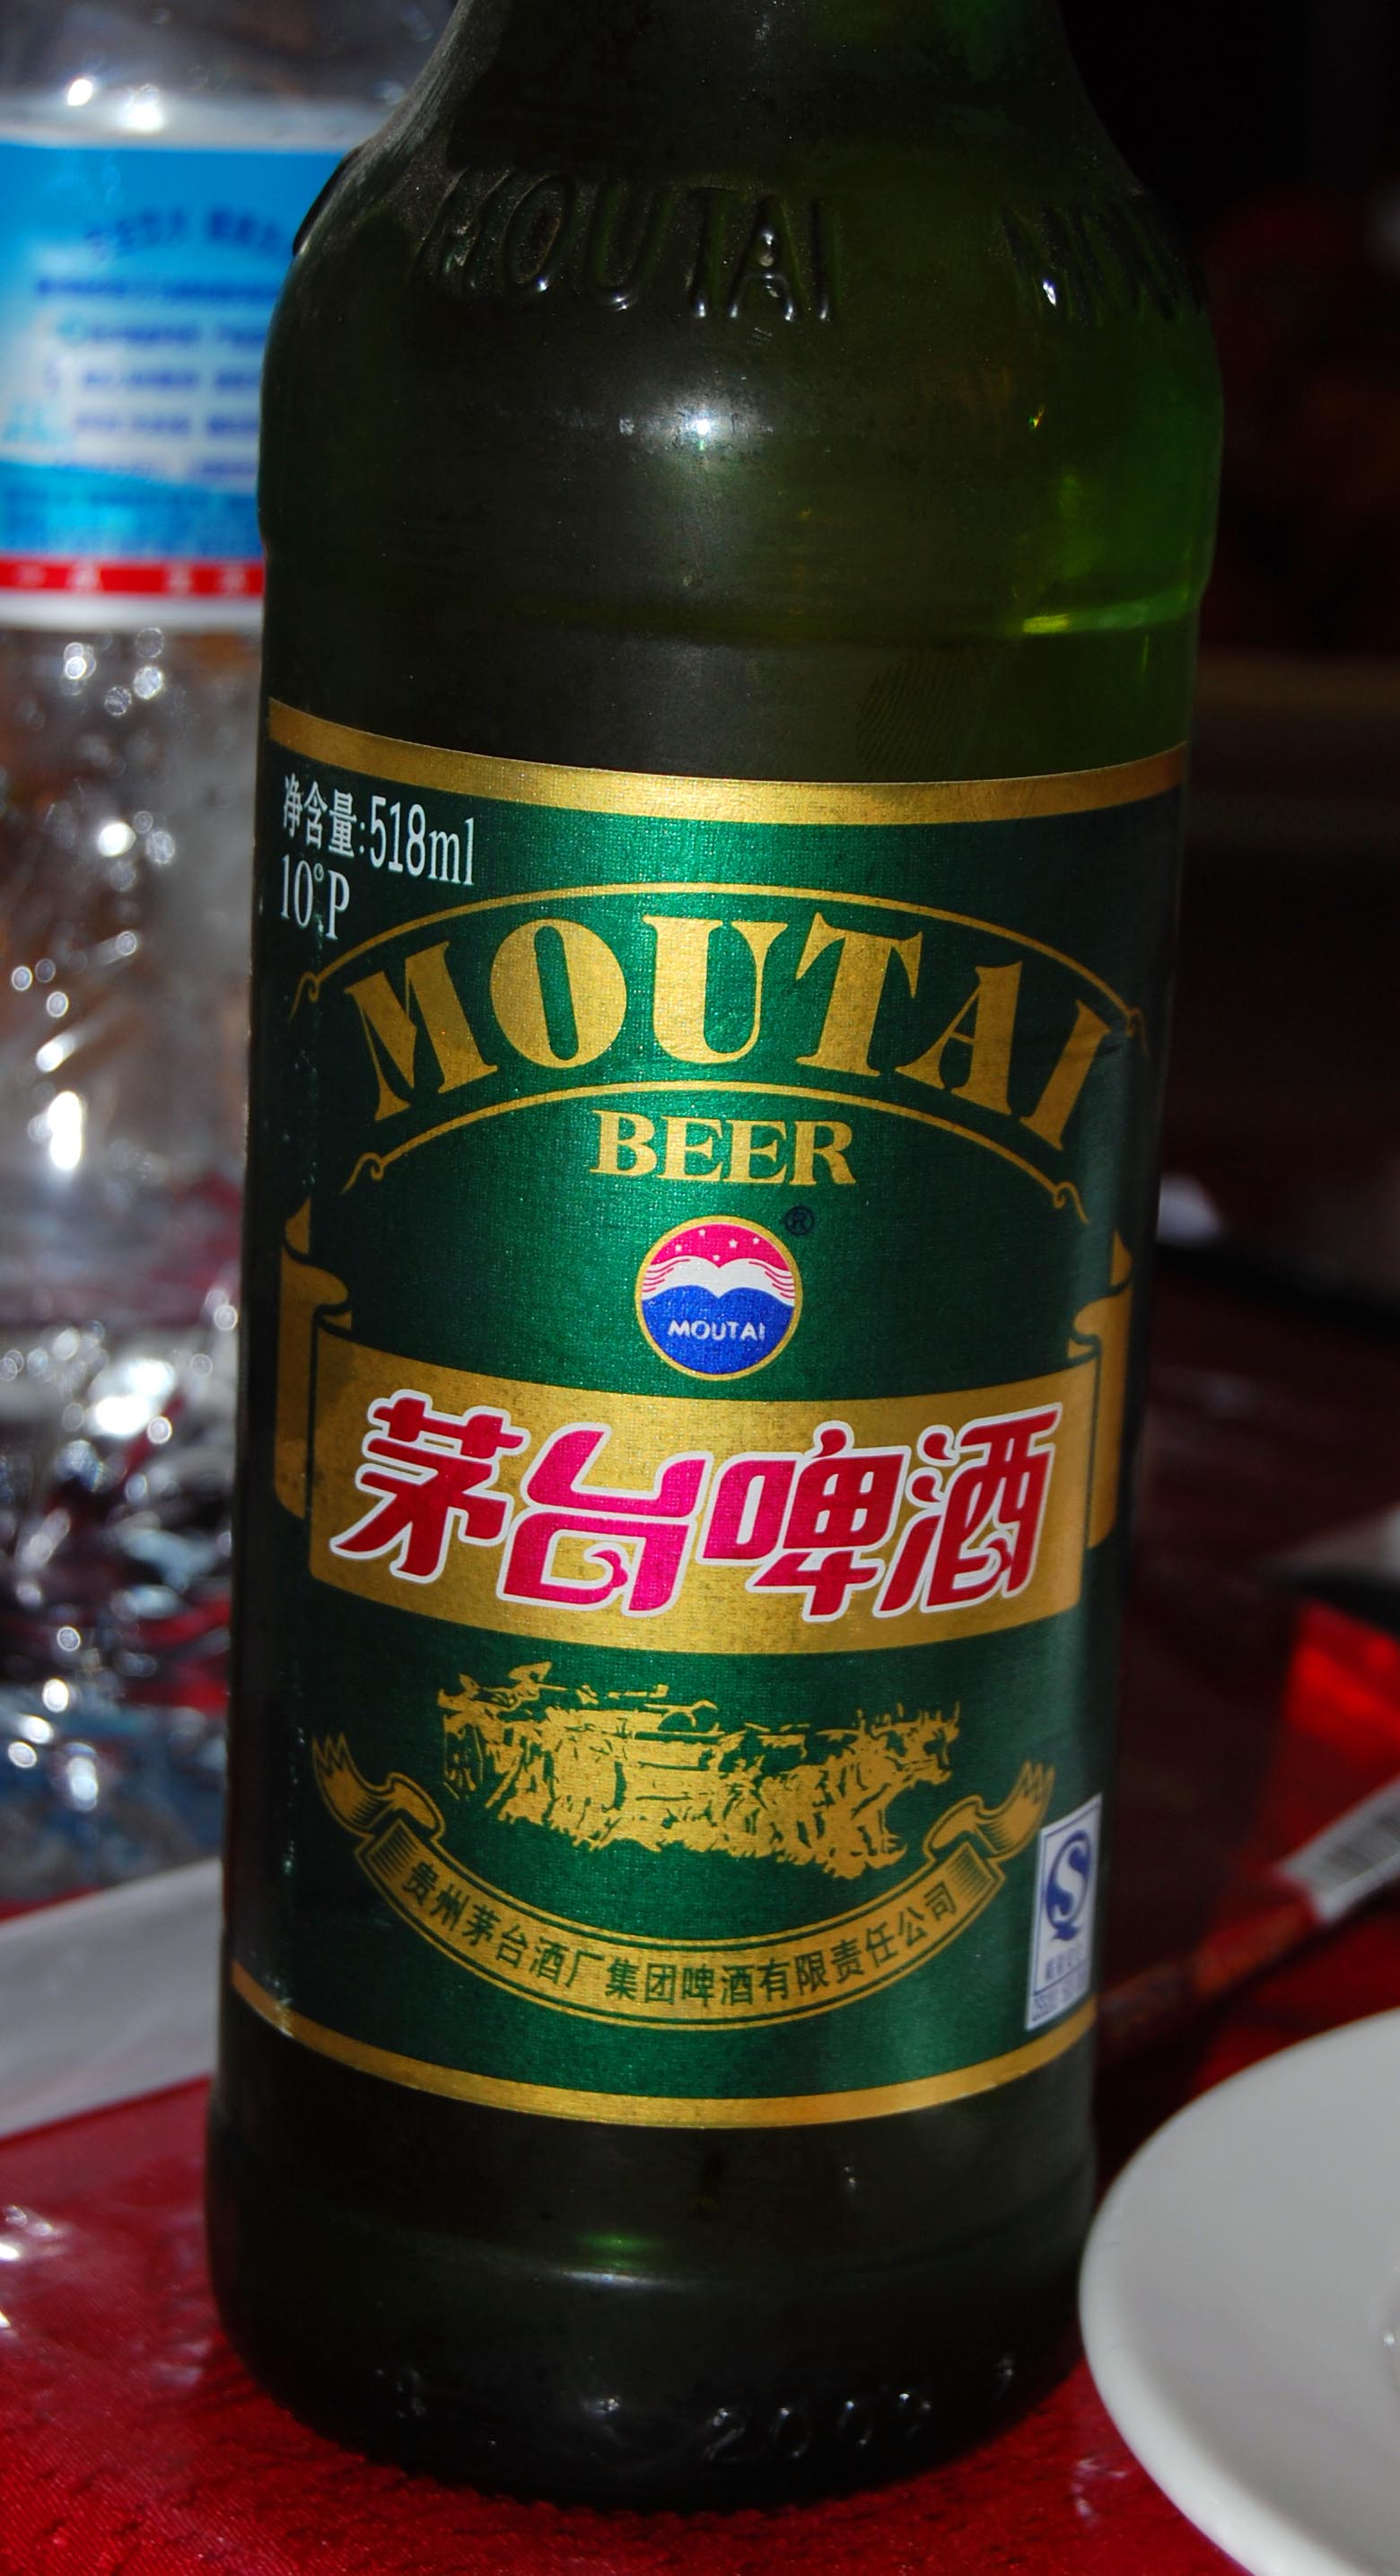 茅台啤酒 – mtime时光网